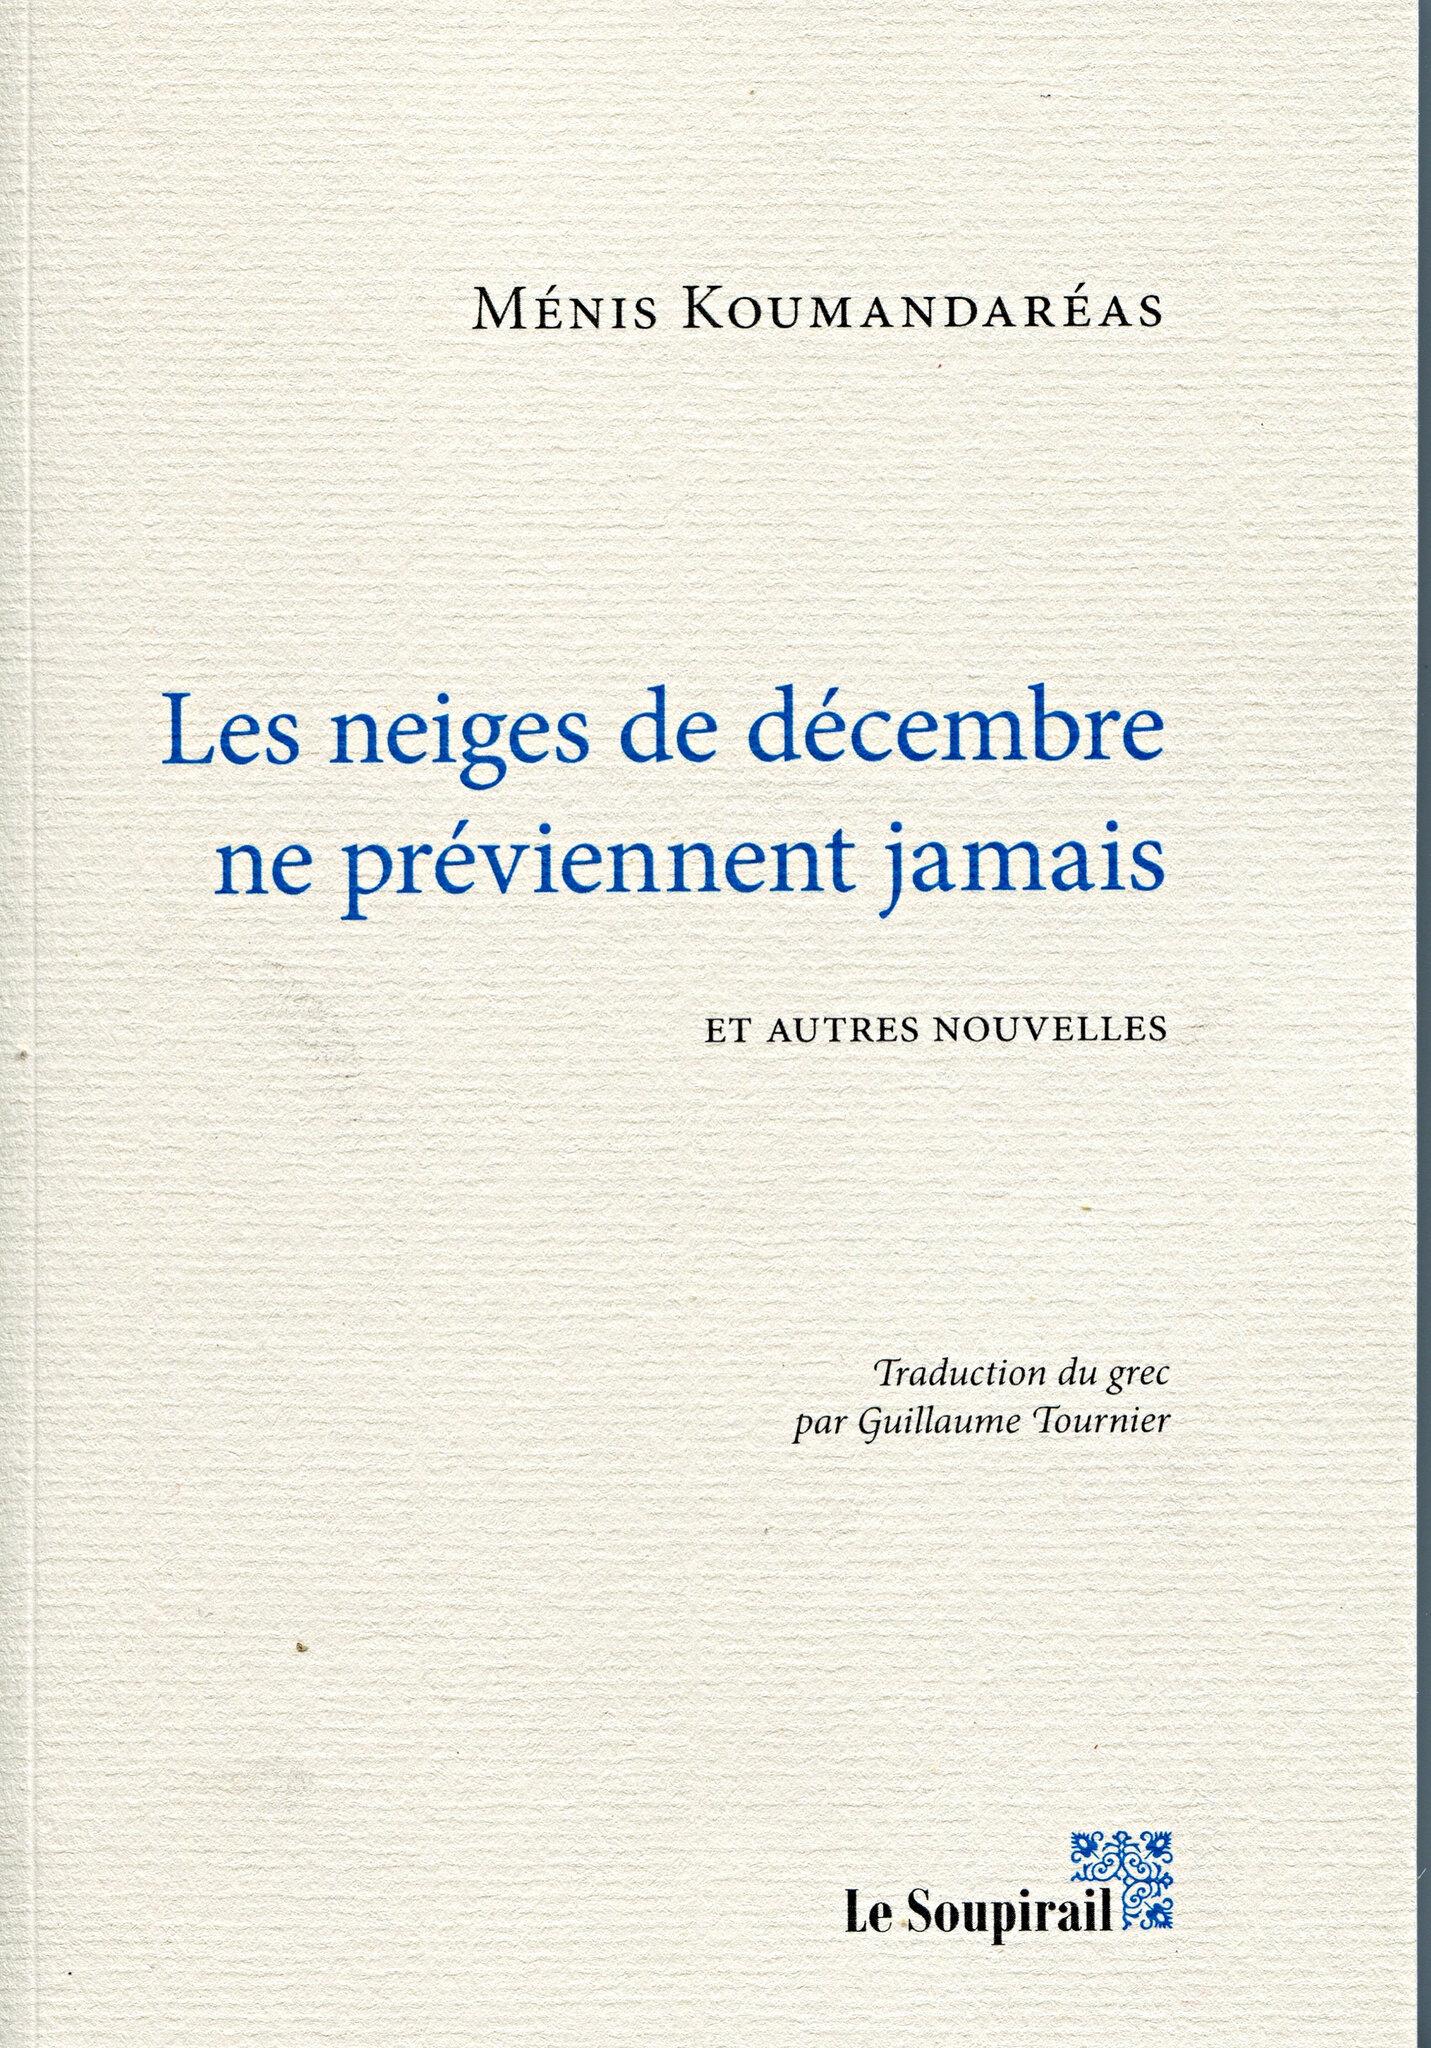 Ménis Koumandaréas - Les neiges de décembre ne préviennent jamais